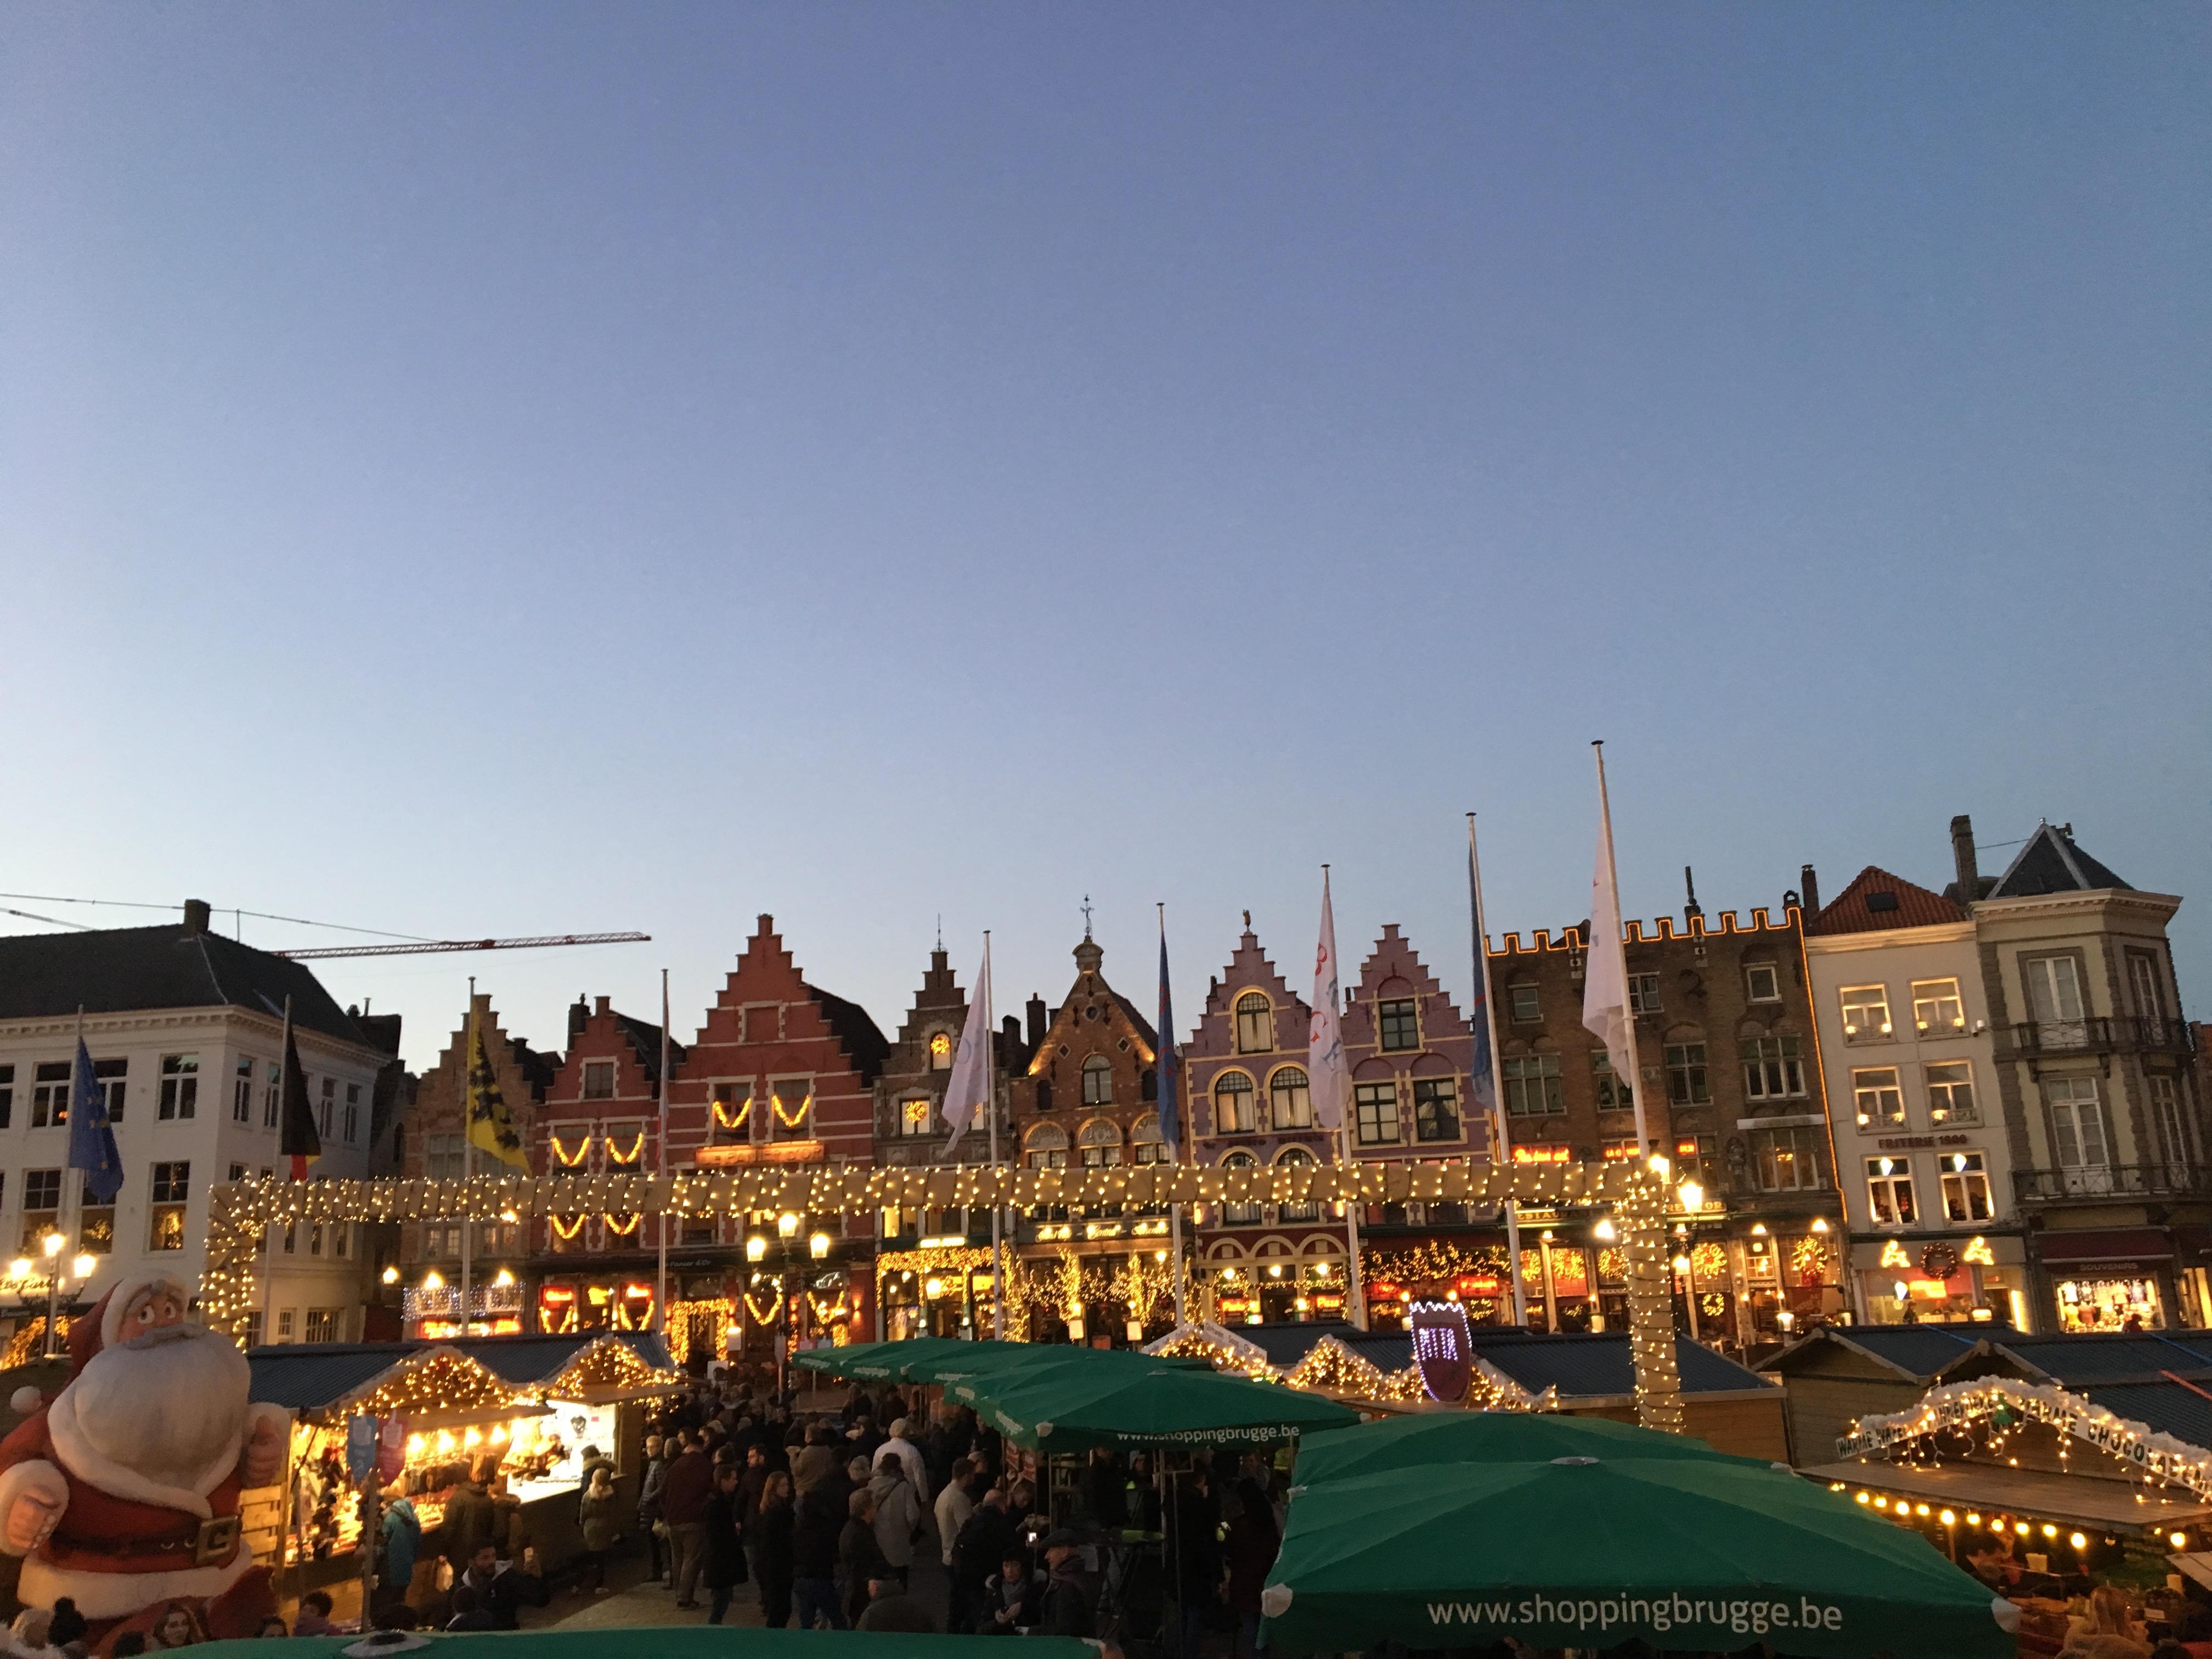 Bruges Christmas Market Square